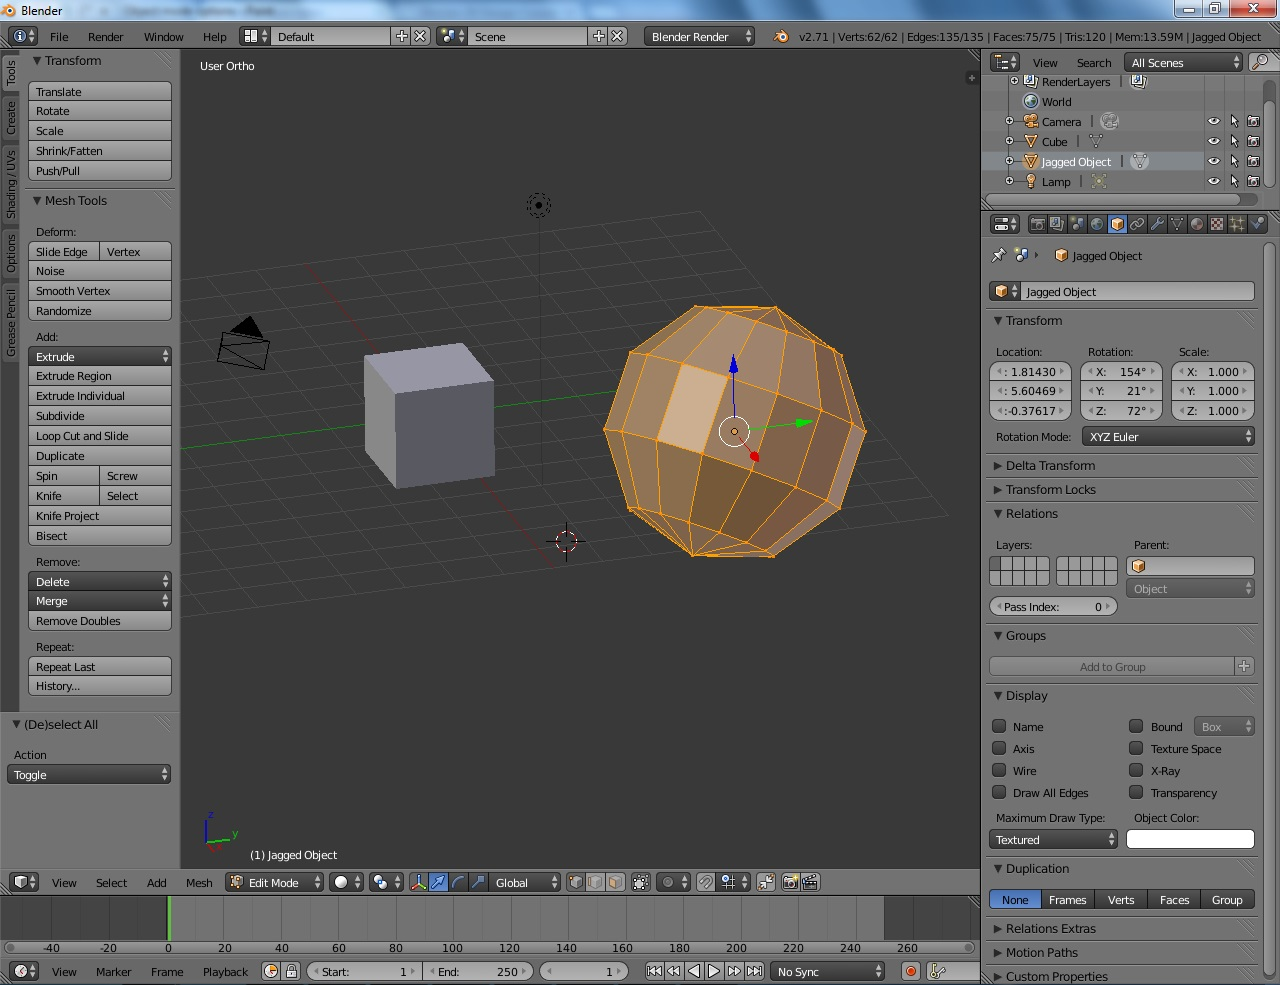 Blender's Edit mode.